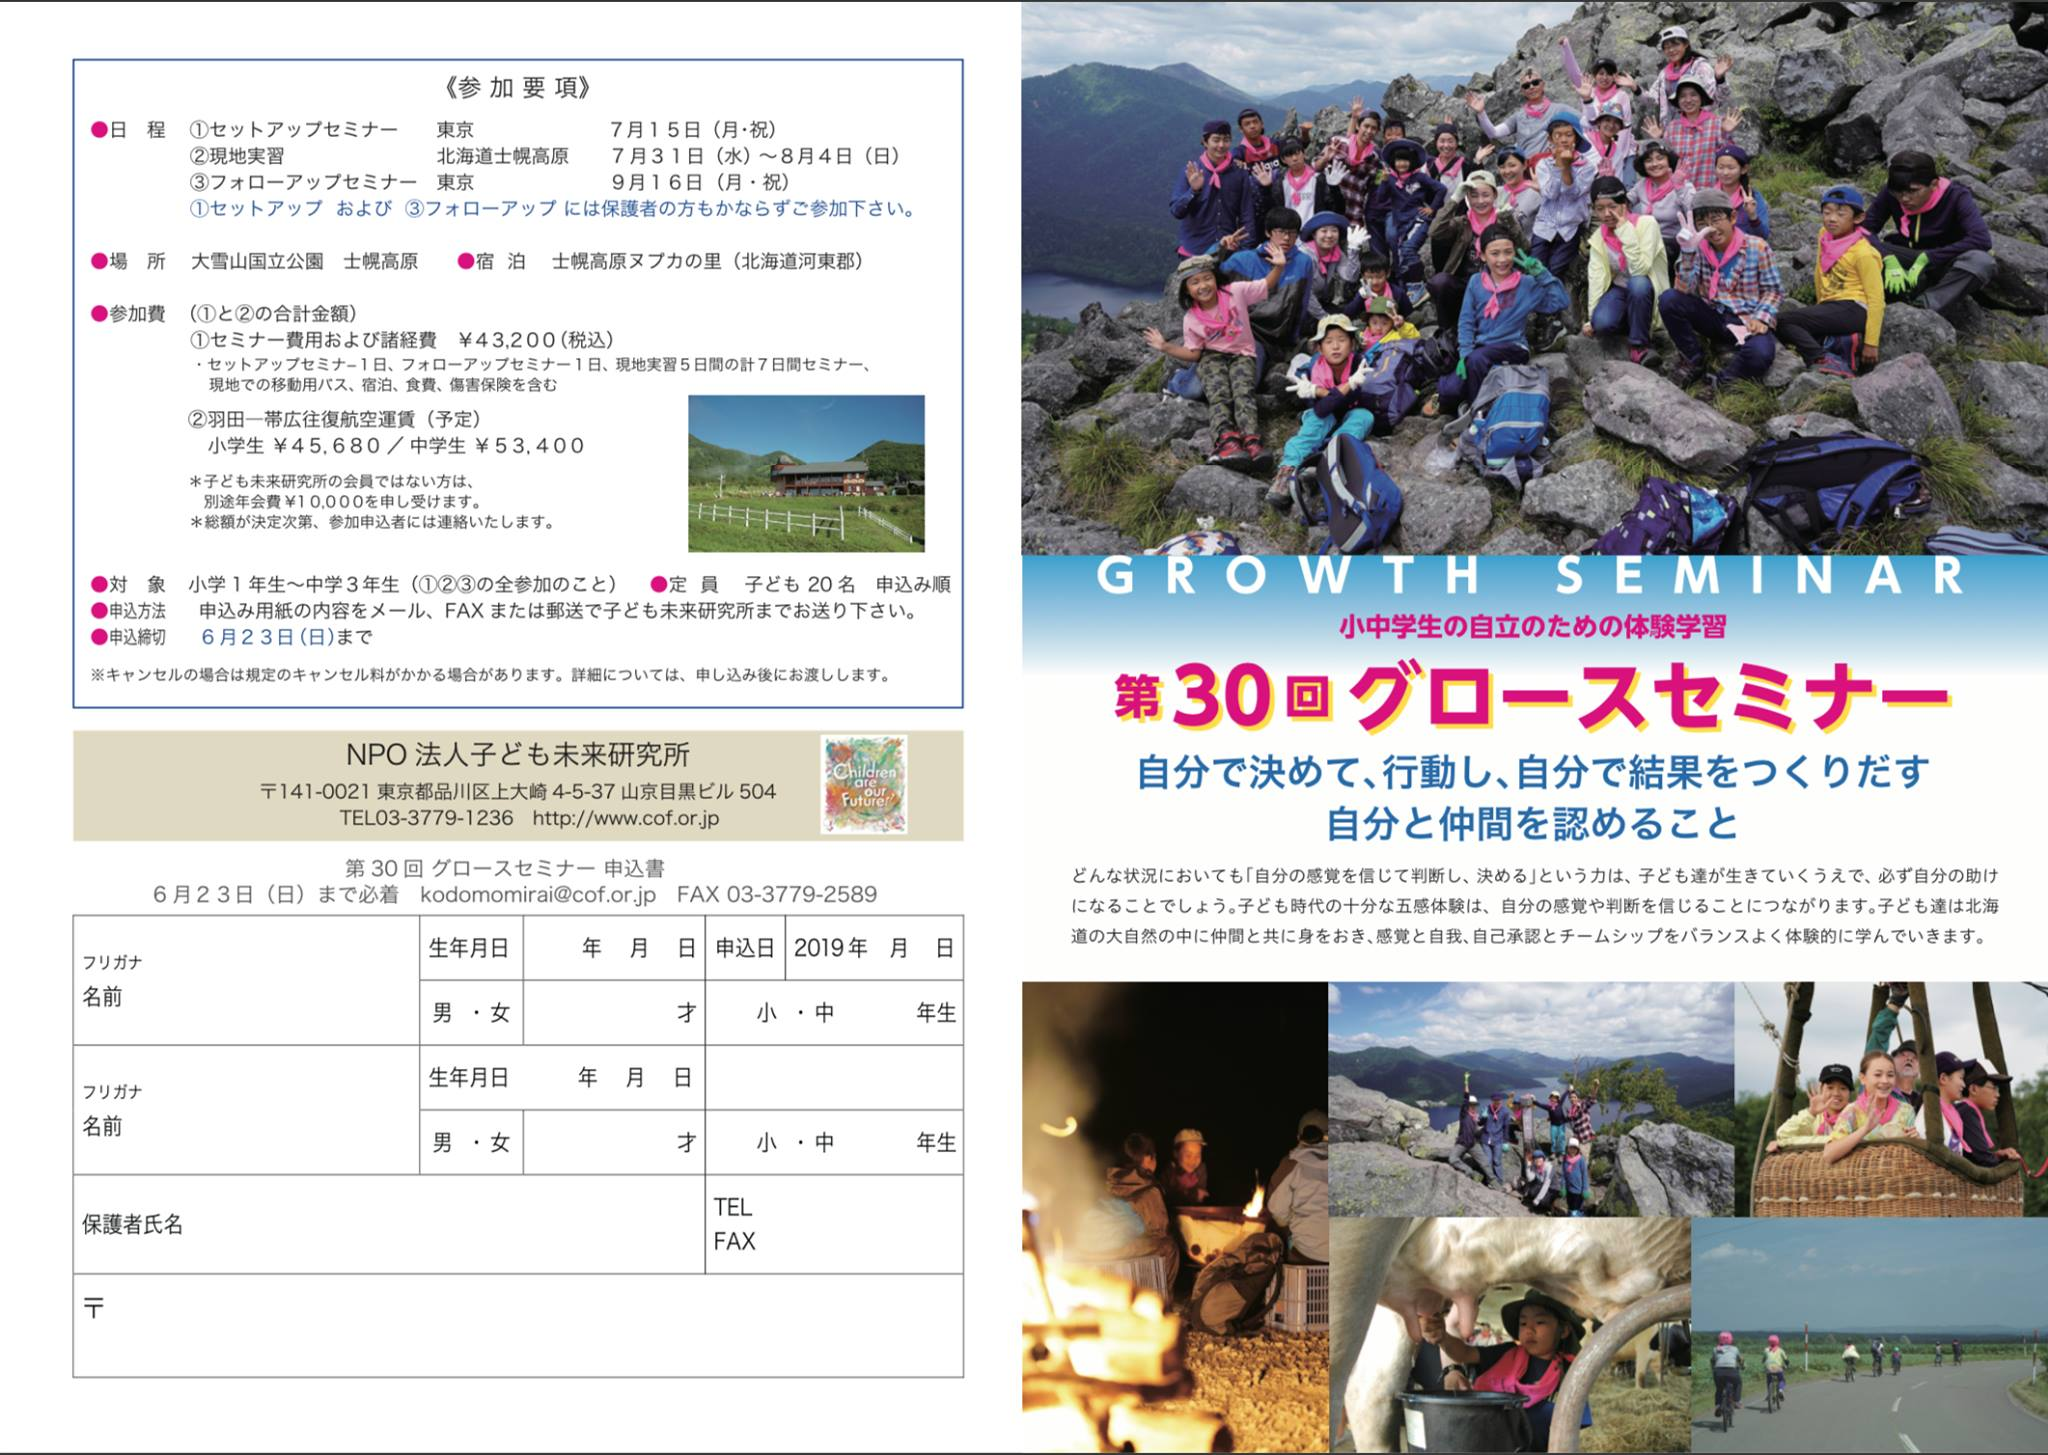 【満員御礼】第30回グロースキャンプ